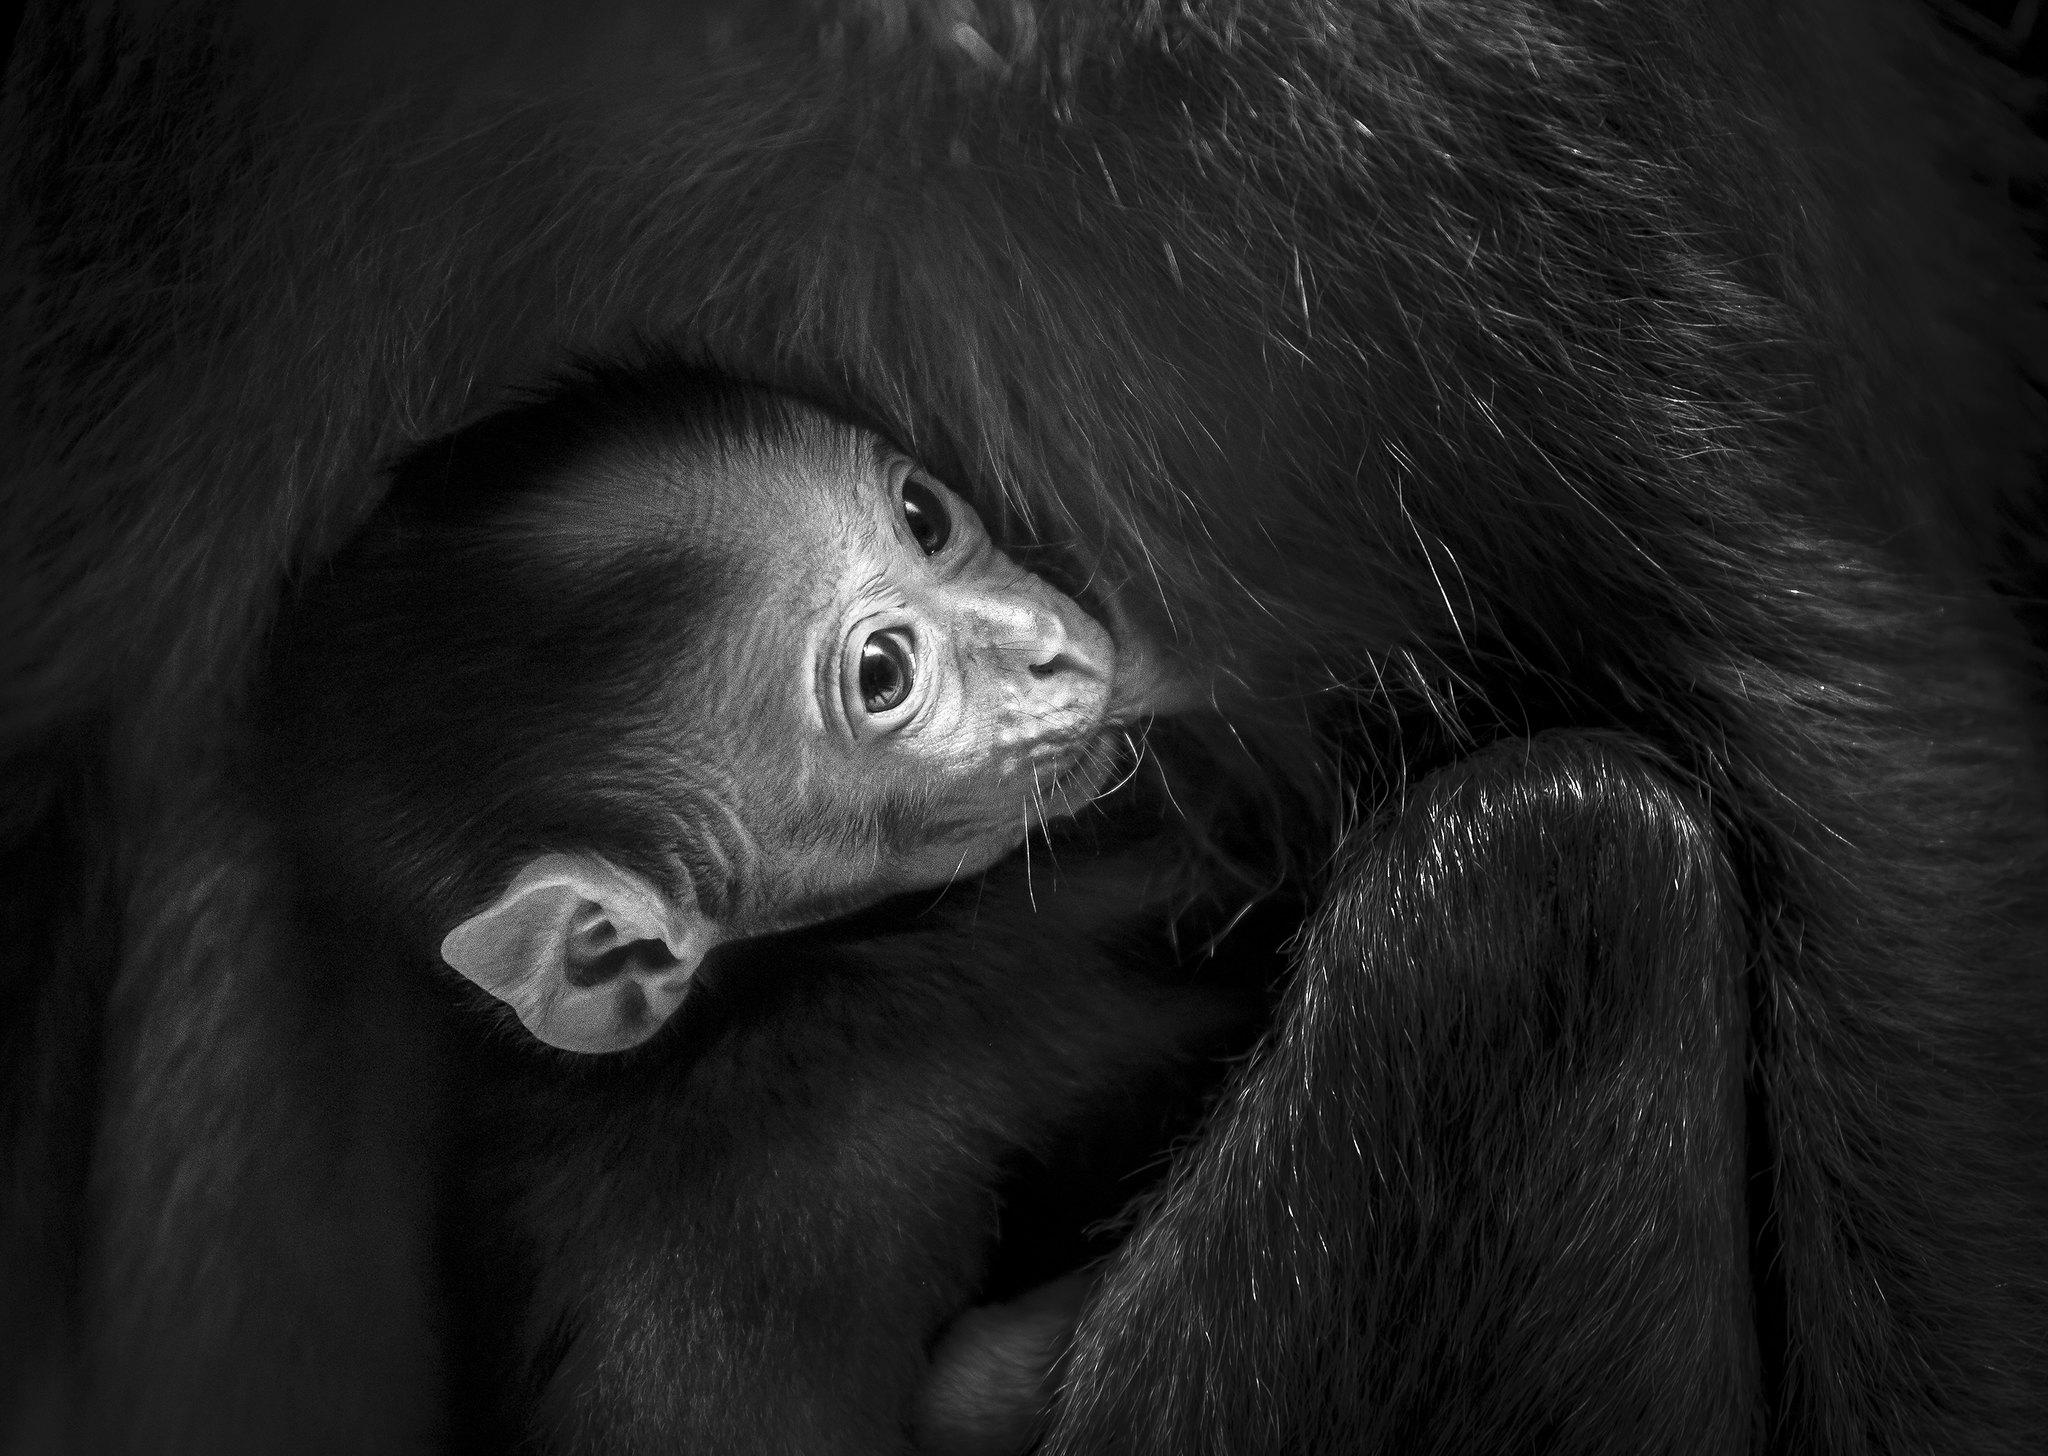 Dinner Time - abe - mørkere ansigt - lille